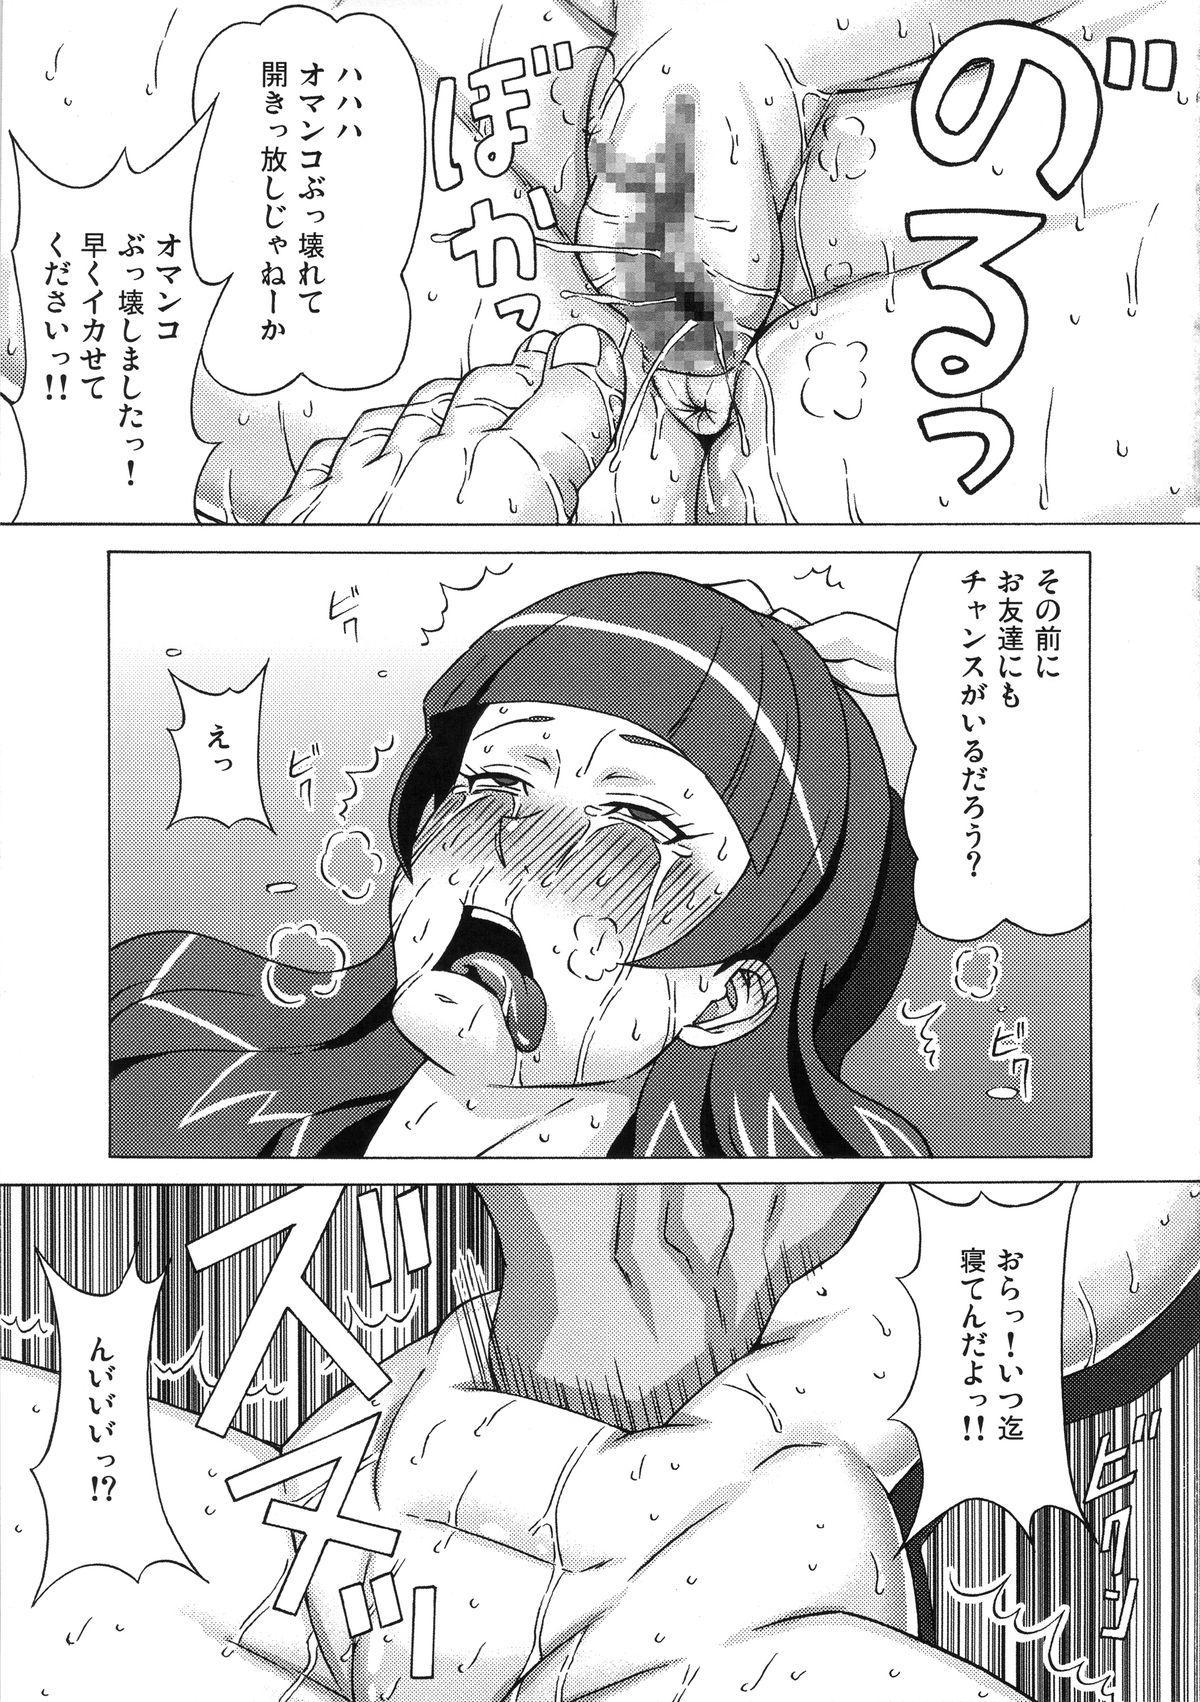 Kaidou Minami to Amanogawa Kirara ni Iroiro Shitemita. 39